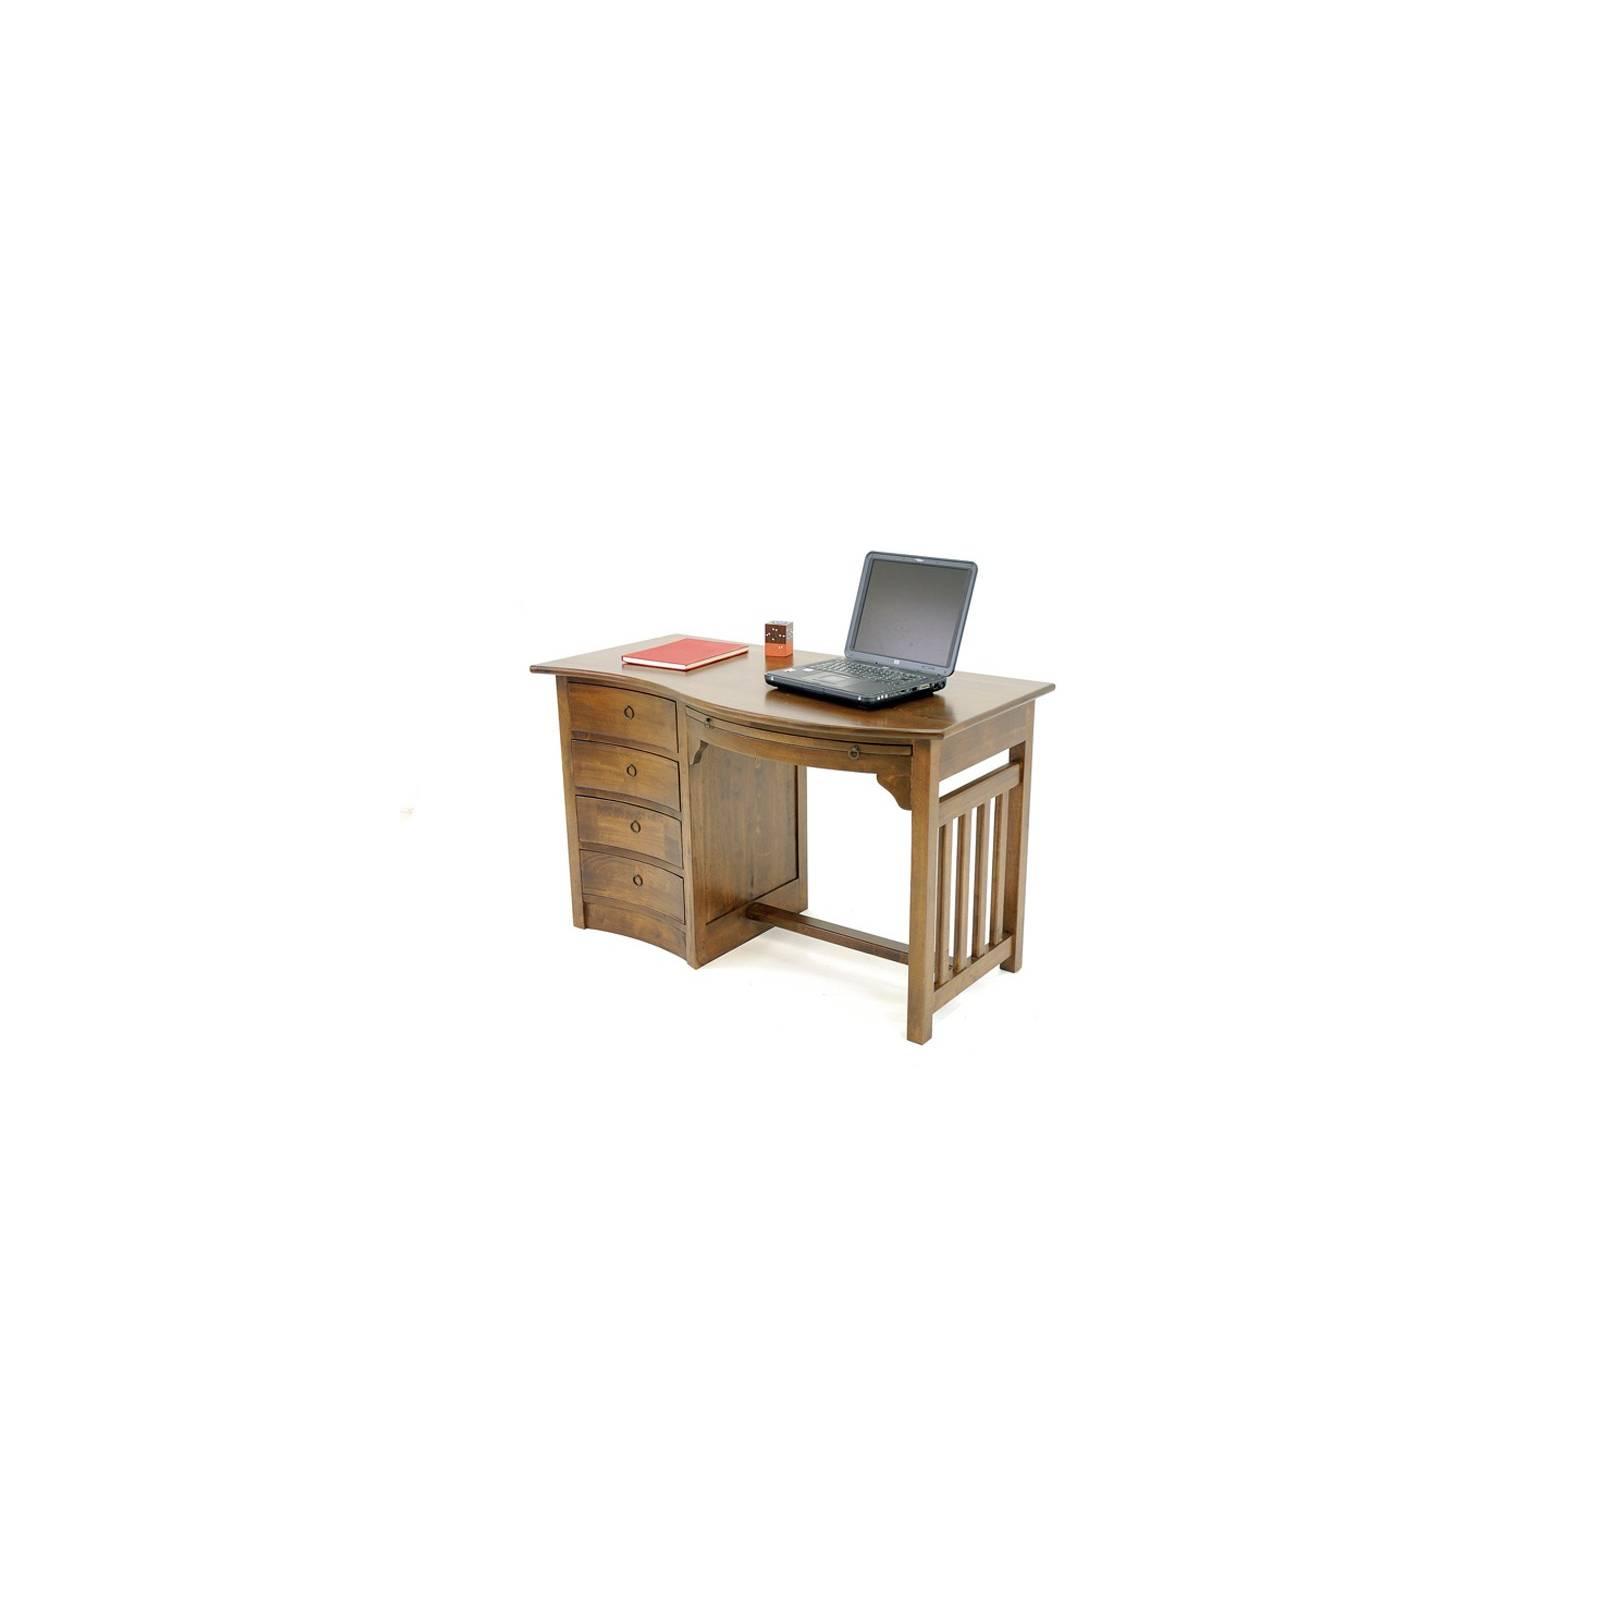 bureau haut de gamme oceania meuble en bois exotique. Black Bedroom Furniture Sets. Home Design Ideas